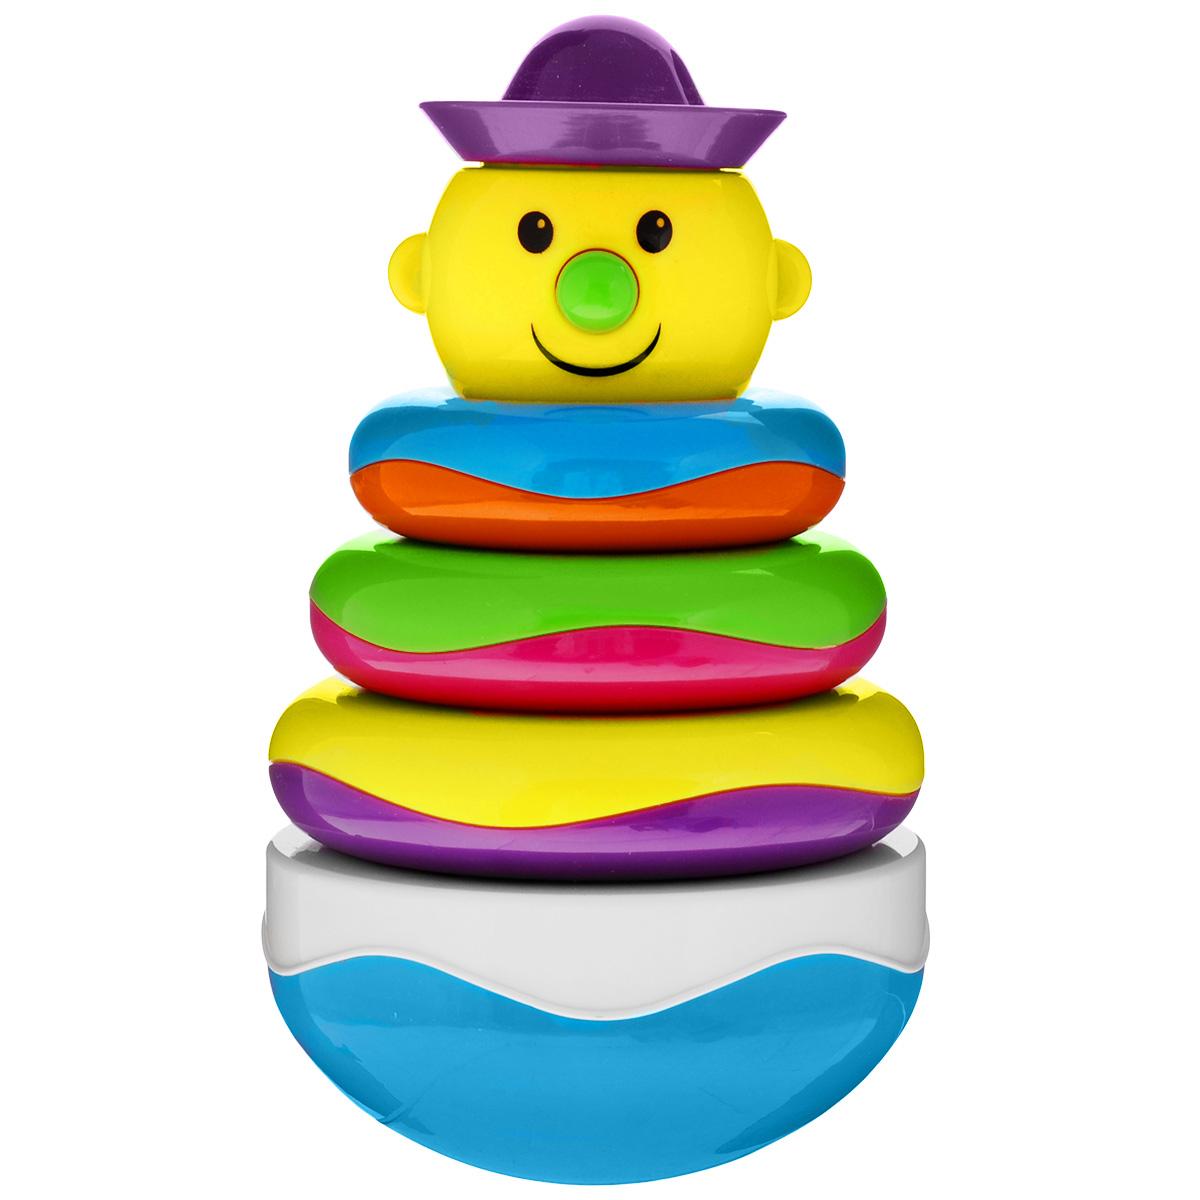 Пирамидка-неваляшка Mioshi Веселый клоунTY9063С первых месяцев жизни малыш начинает интересоваться яркими, подвижными, звонкими предметами, ведь они являются его главными помощниками в изучении нашего удивительного мира. Забавная пирамидка-неваляшка Mioshi Веселый клоун - это многофункциональная игрушка, которая поможет вашему крохе научится фокусировать внимание, даст первые представления о категориях формы и цвета, поспособствует развитию мелкой моторики и сенсорики. Яркая расцветка и приятный звук надолго завладеют вниманием малыша, а когда он немного подрастет, то сможет самостоятельно играть, собирая пирамидку. Заботясь о здоровье малышей, Mioshi выпускает только сертифицированную продукцию из высококачественных, безопасных материалов.